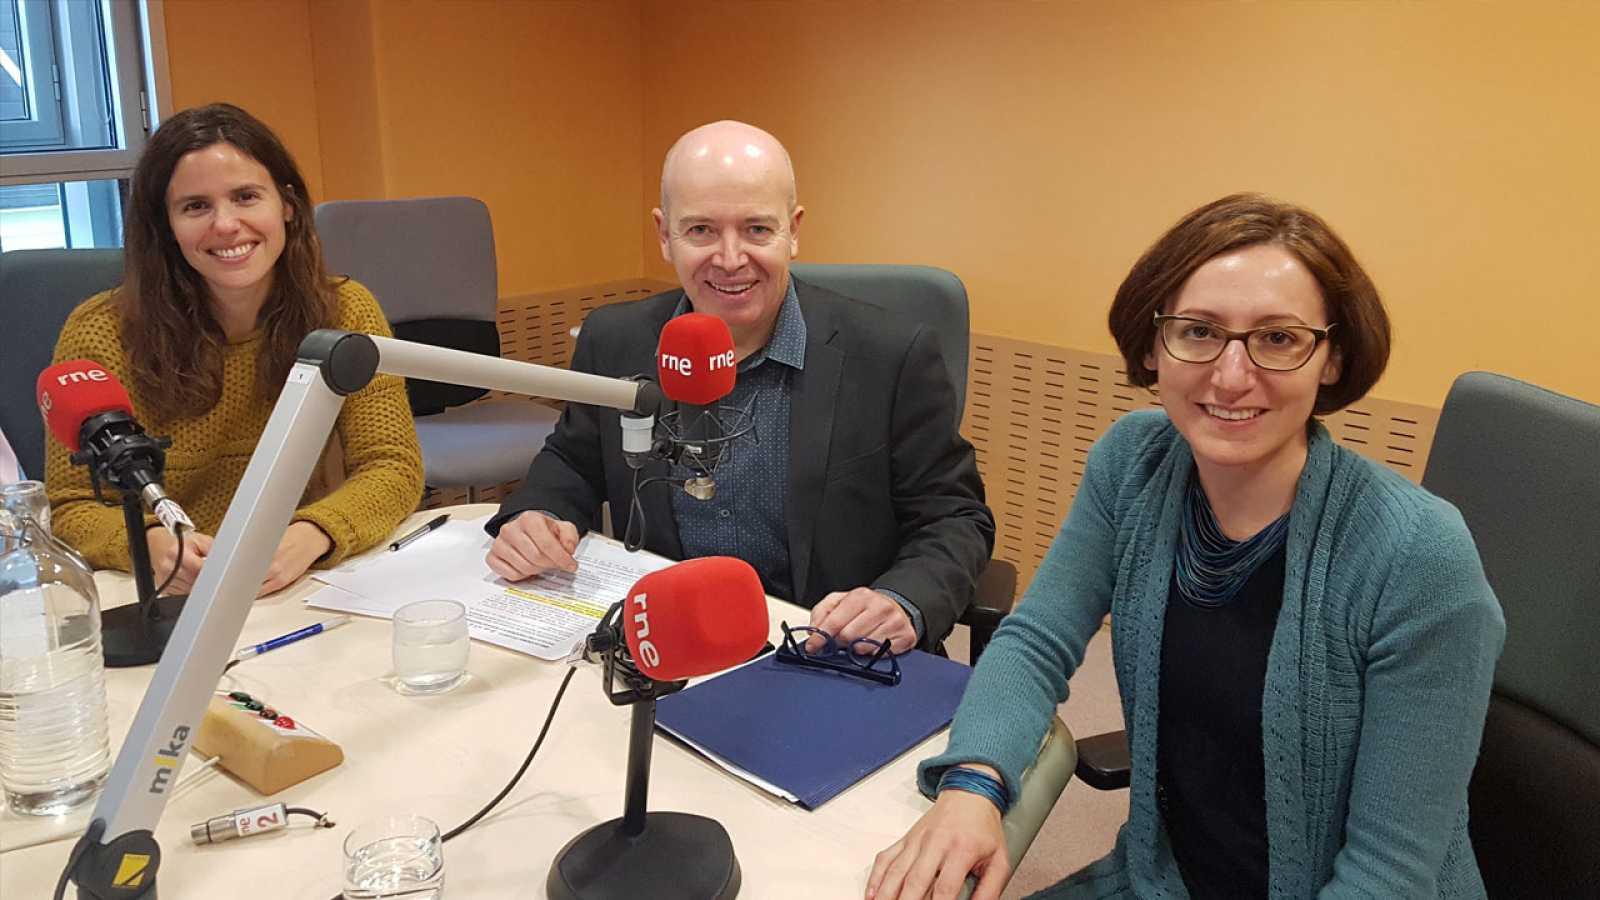 Econòmix - 'Negocis pakistanesos a Barcelona: com funcionen?' amb Berta Güell i Eva Macioco